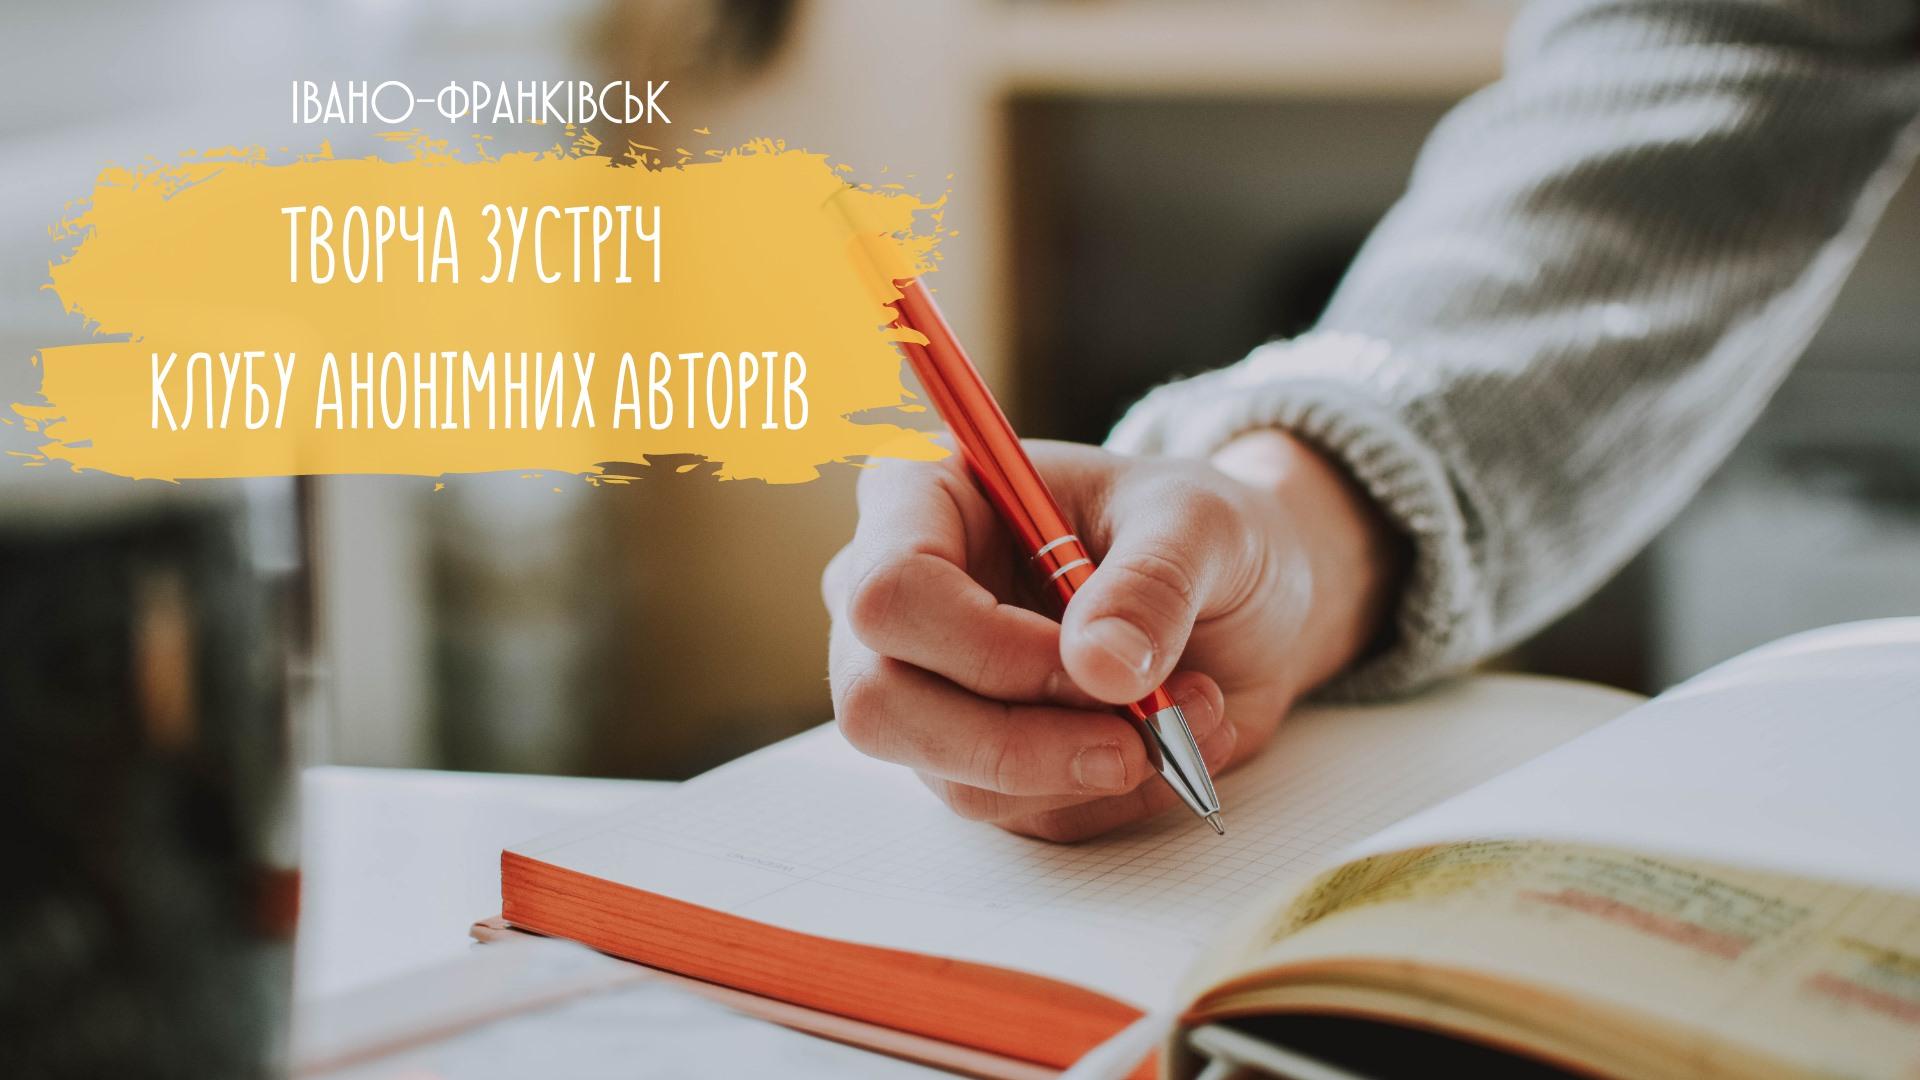 Творча зустріч Клубу Анонімних Авторів. Івано-Франківськ